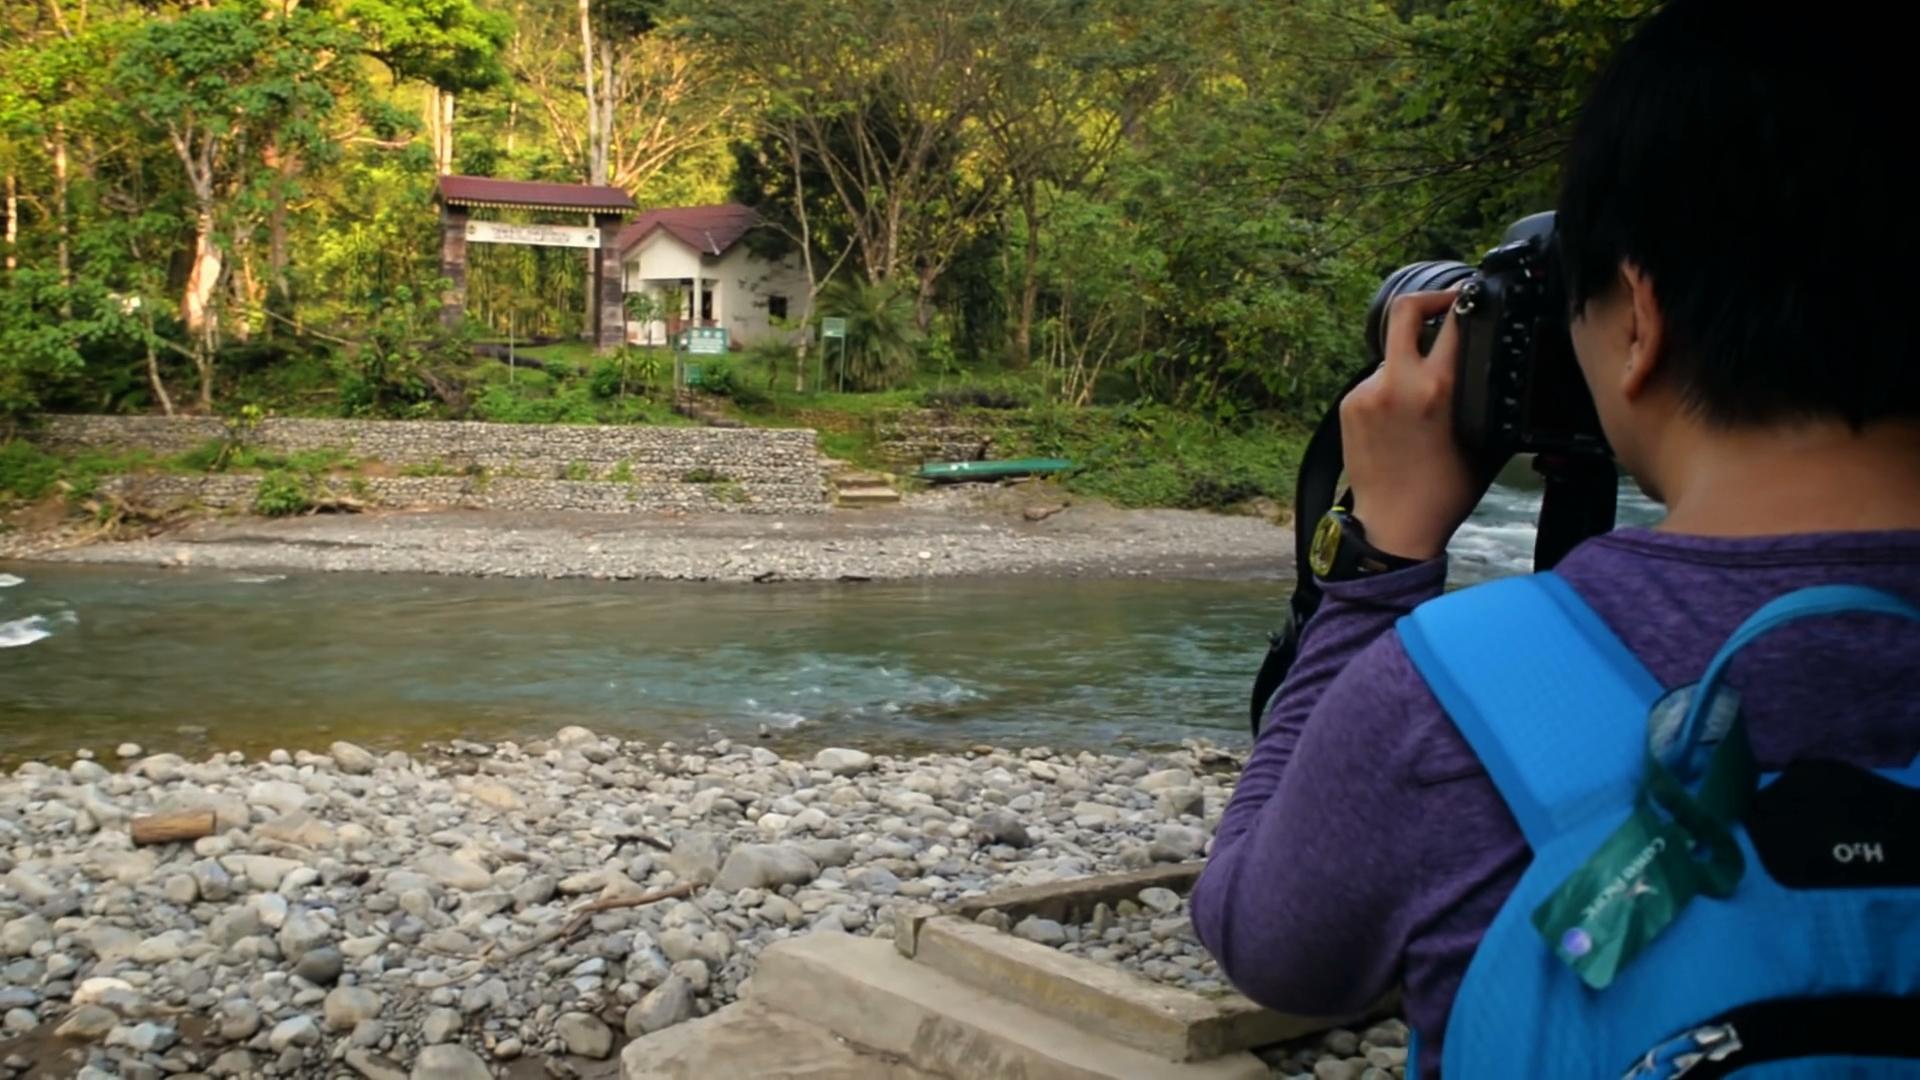 photographerswithoutborders_our-photographers.jpeg